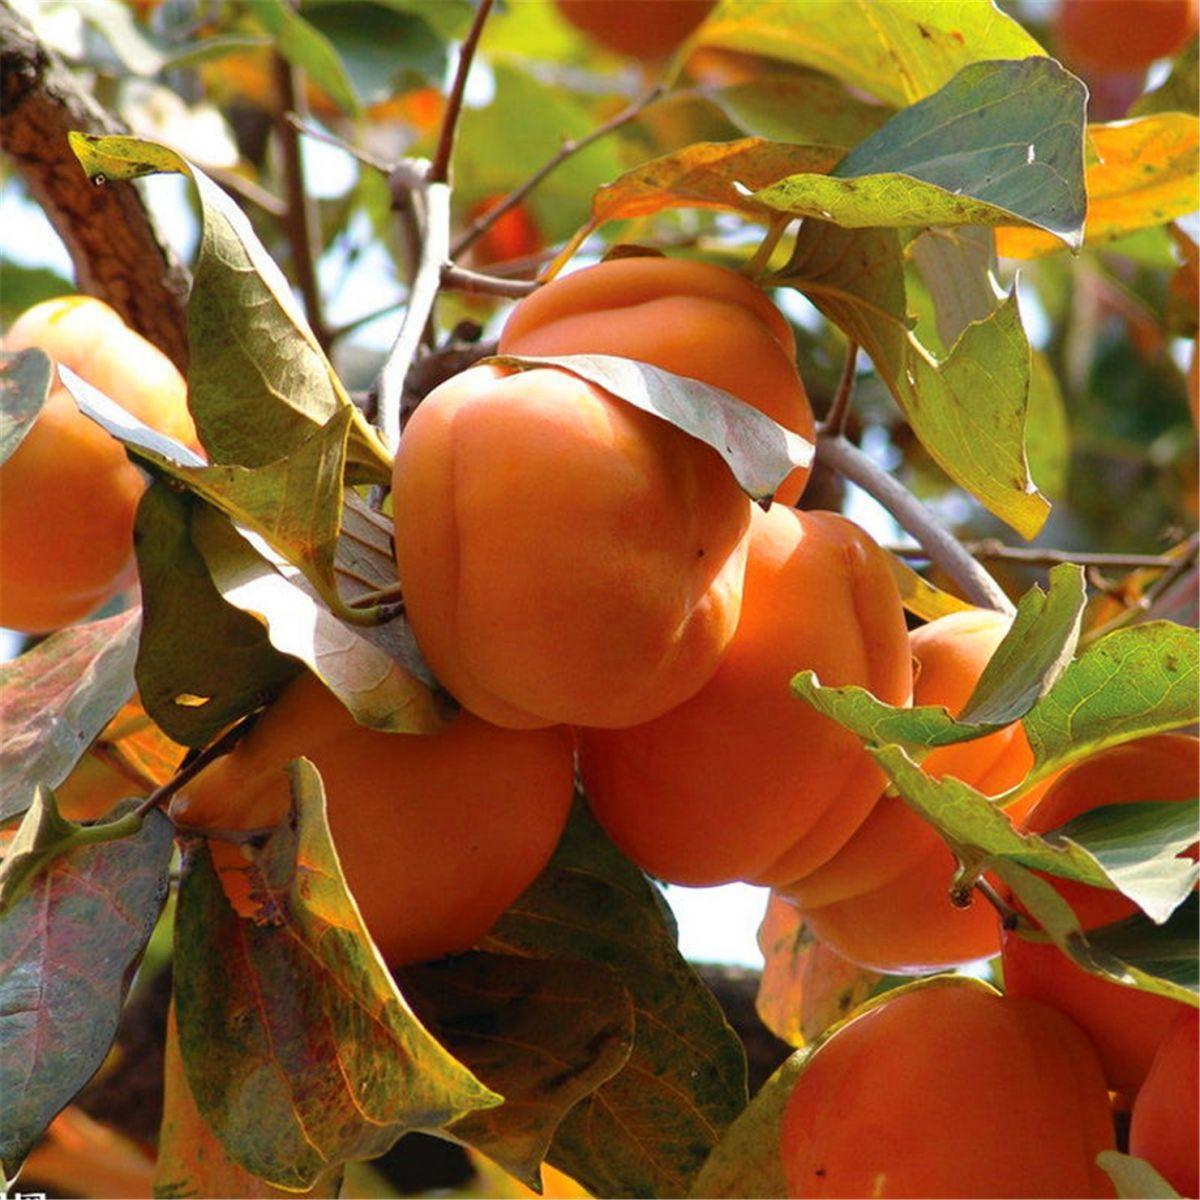 柿子也很漂亮_图1-13